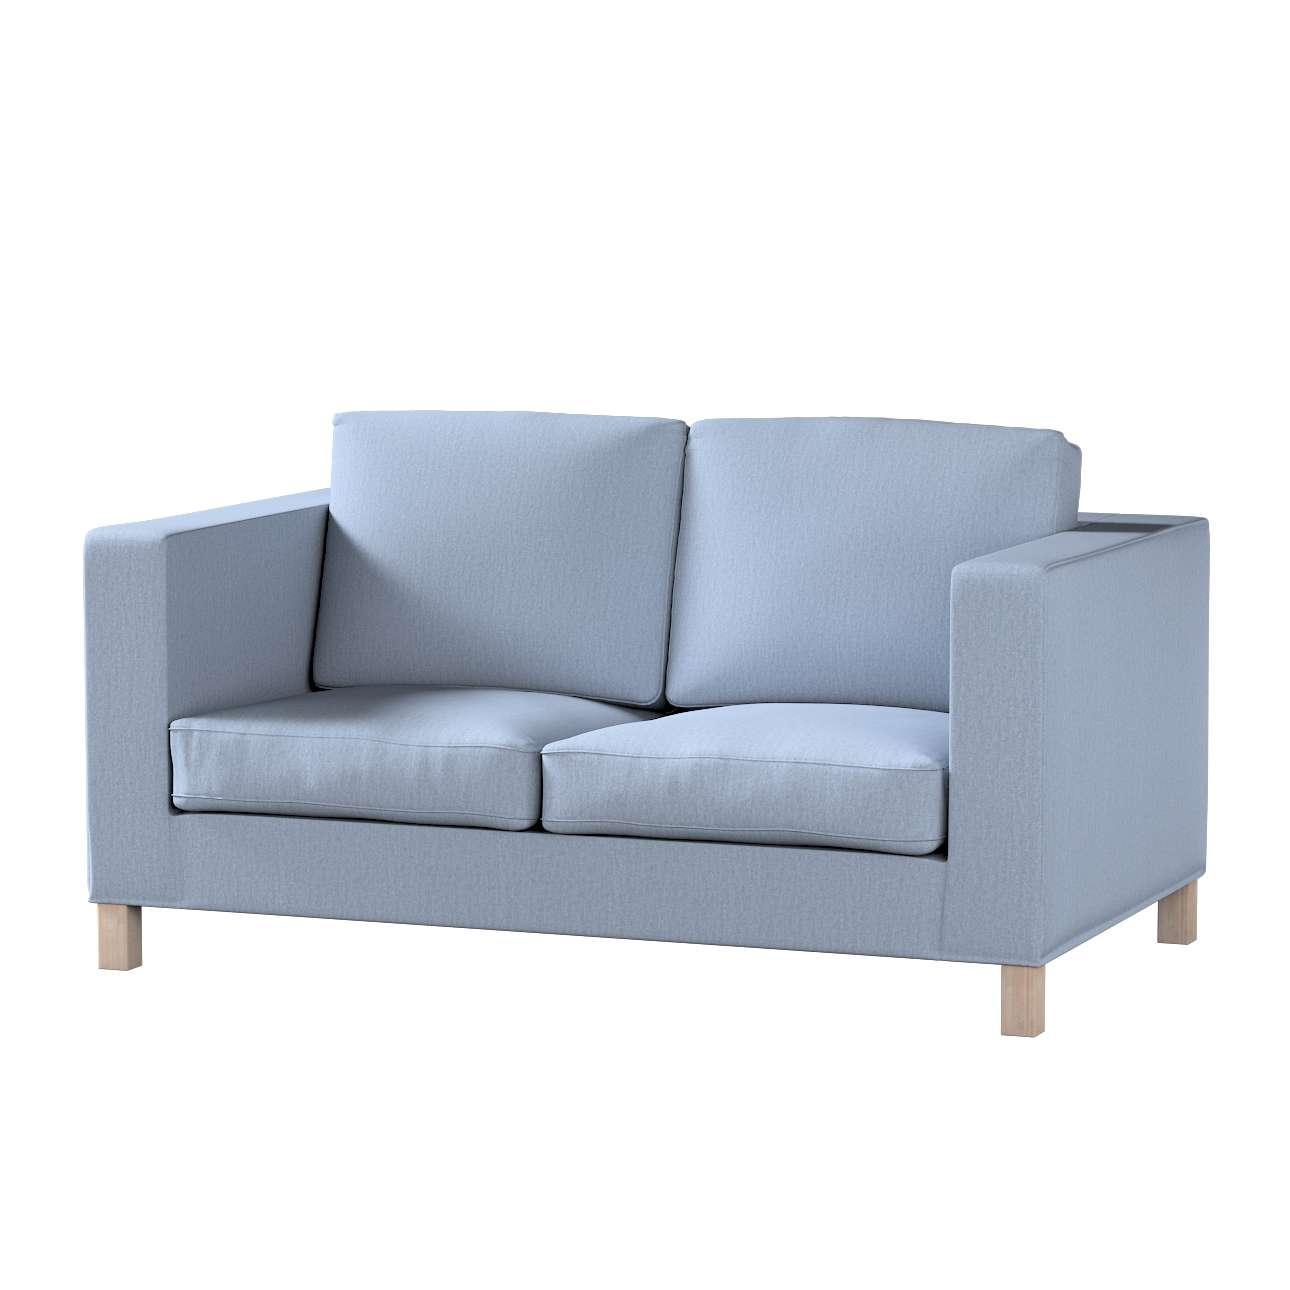 KARLANDA dvivietės sofos užvalkalas KARLANDA dvivietės sofos užvalkalas kolekcijoje Chenille, audinys: 702-13